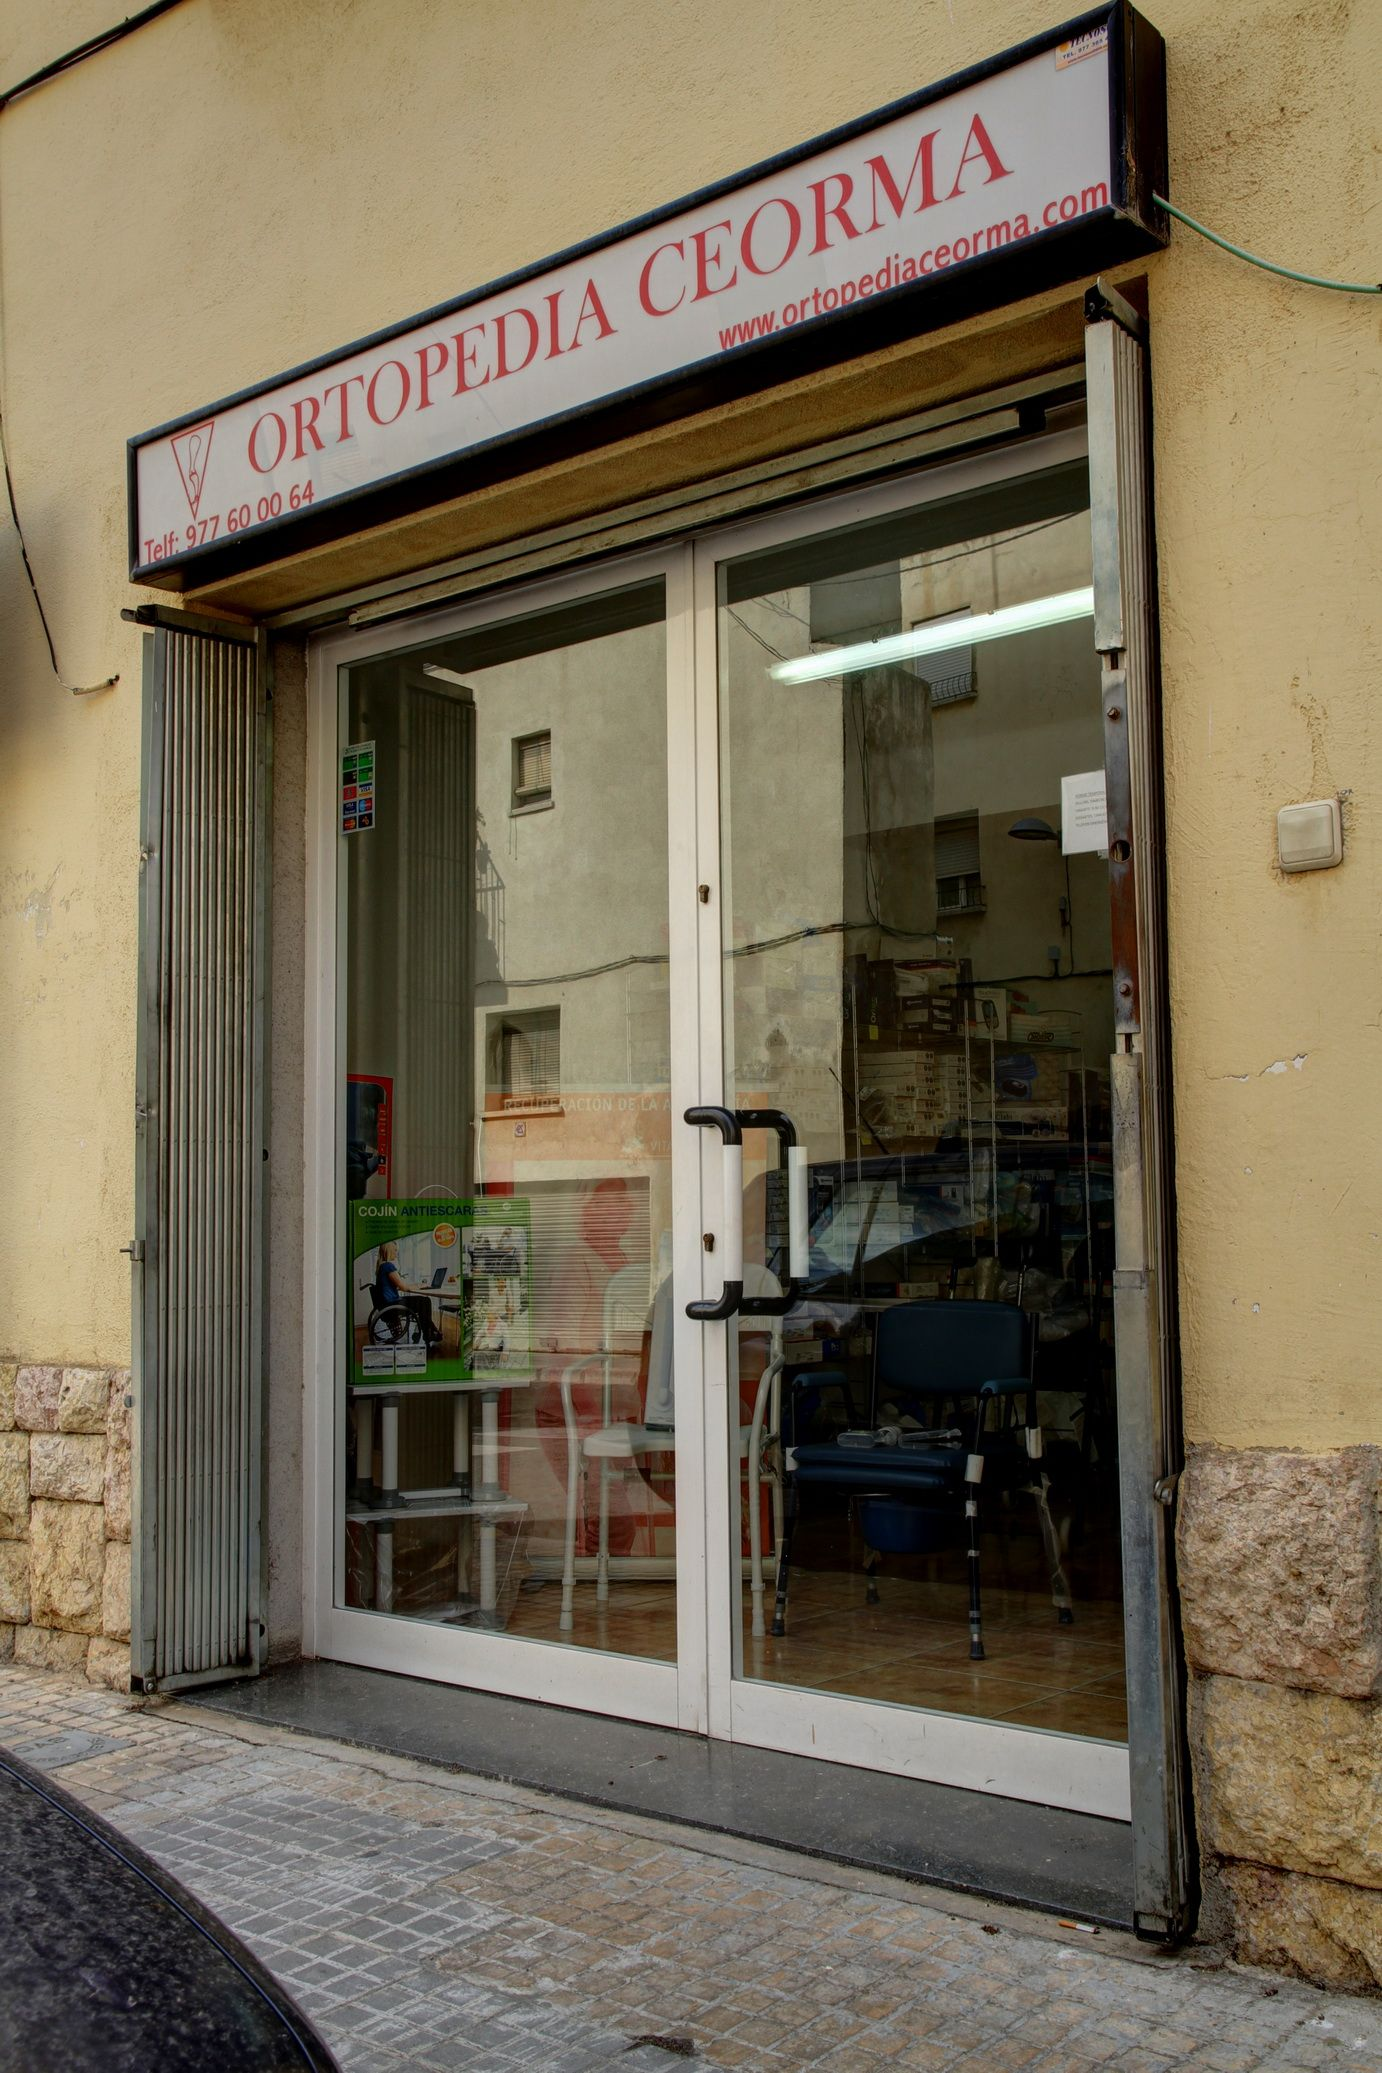 Foto 7 de Ortopedia en Tarragona | Ceorma, S.L.